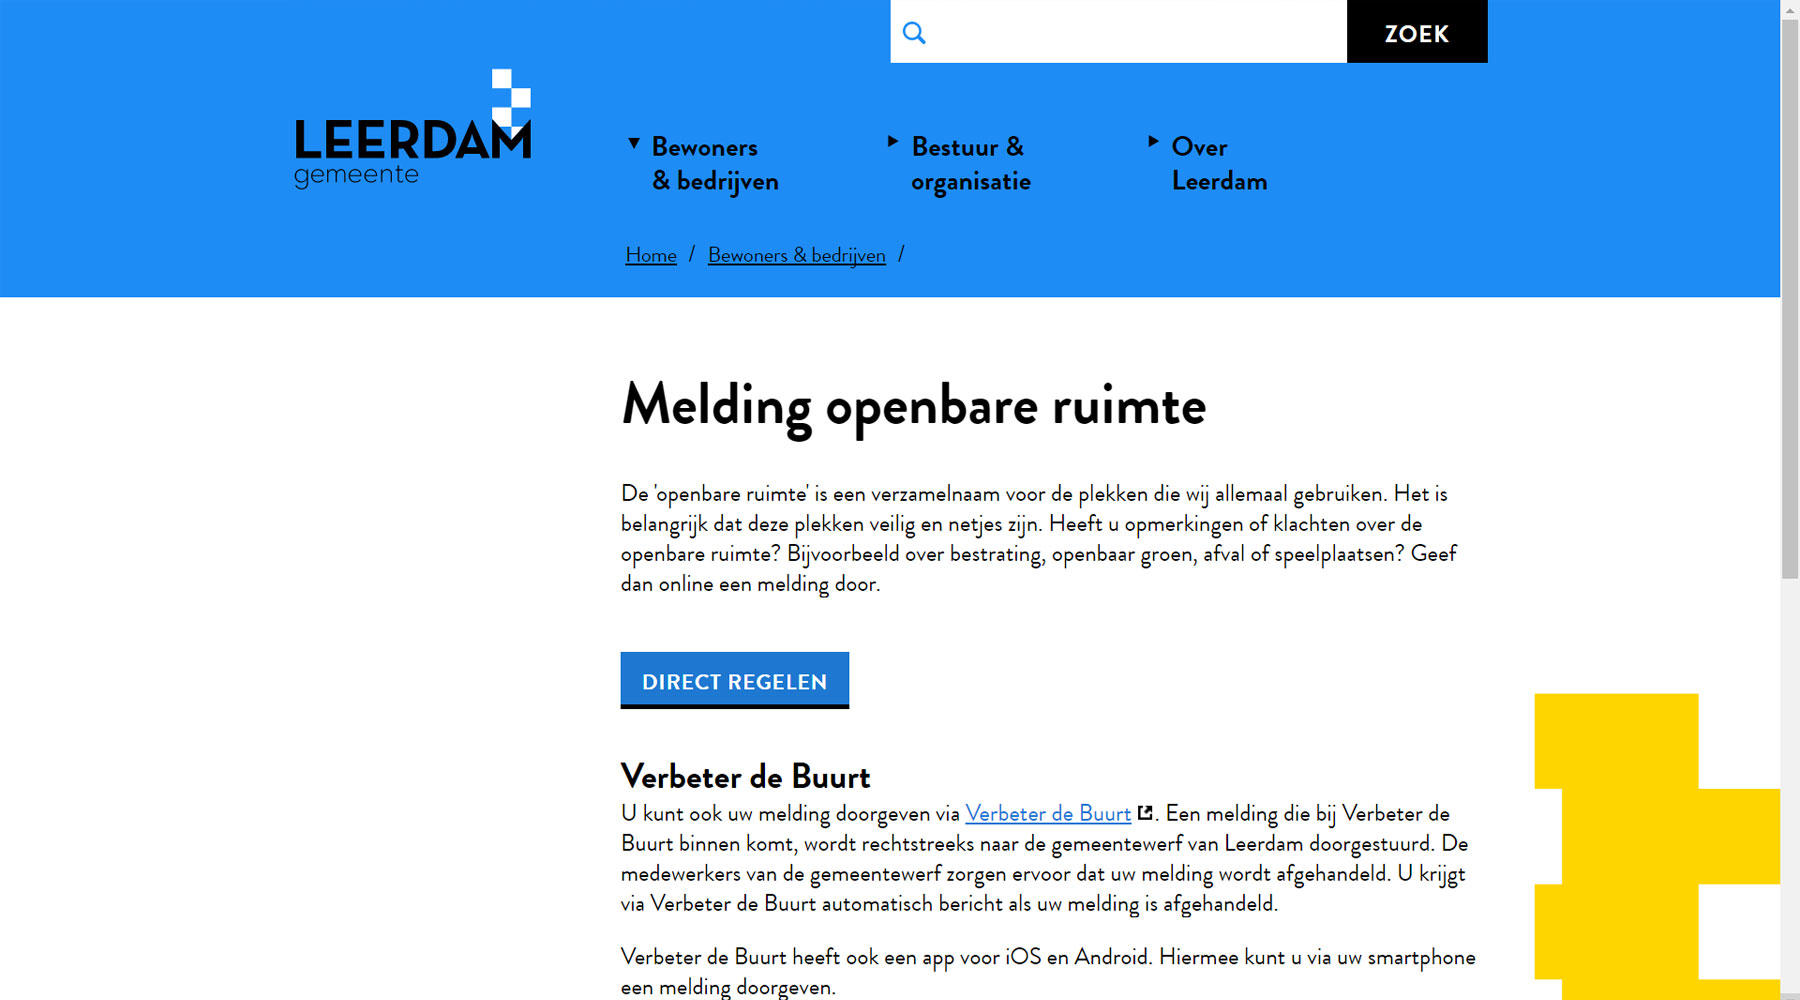 Call-to-action melding openbare ruimte voormalig gemeente Leerdam | Toptaken website